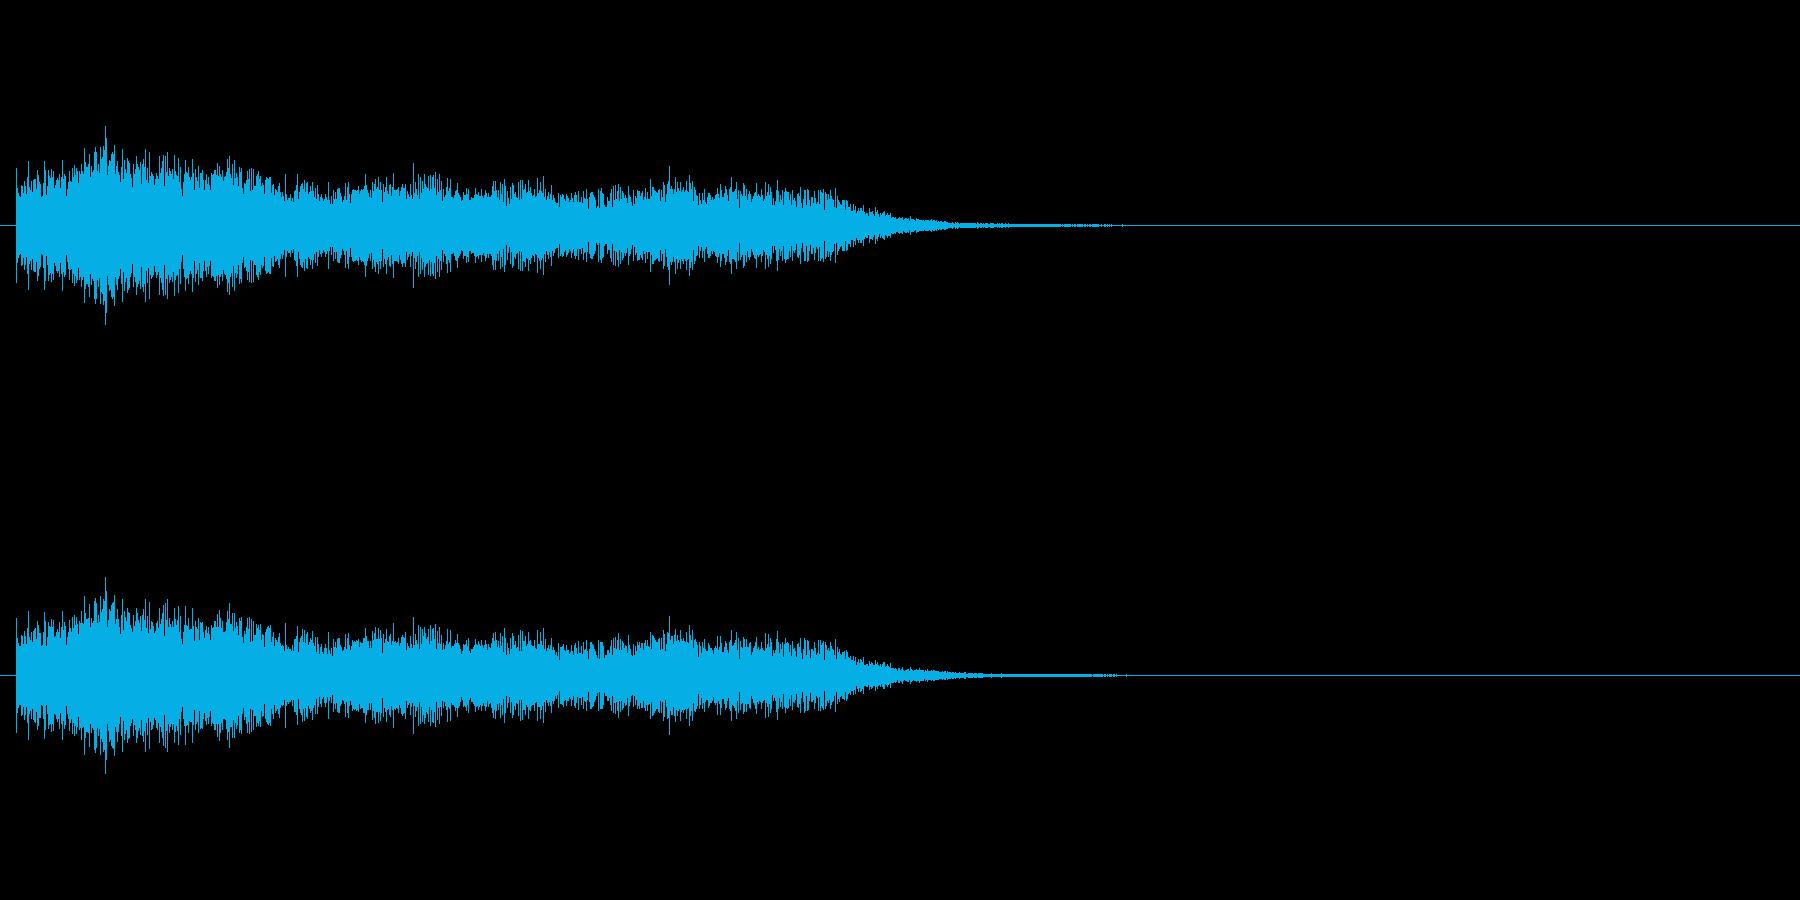 ショック/衝撃/オーケストラヒット/2の再生済みの波形